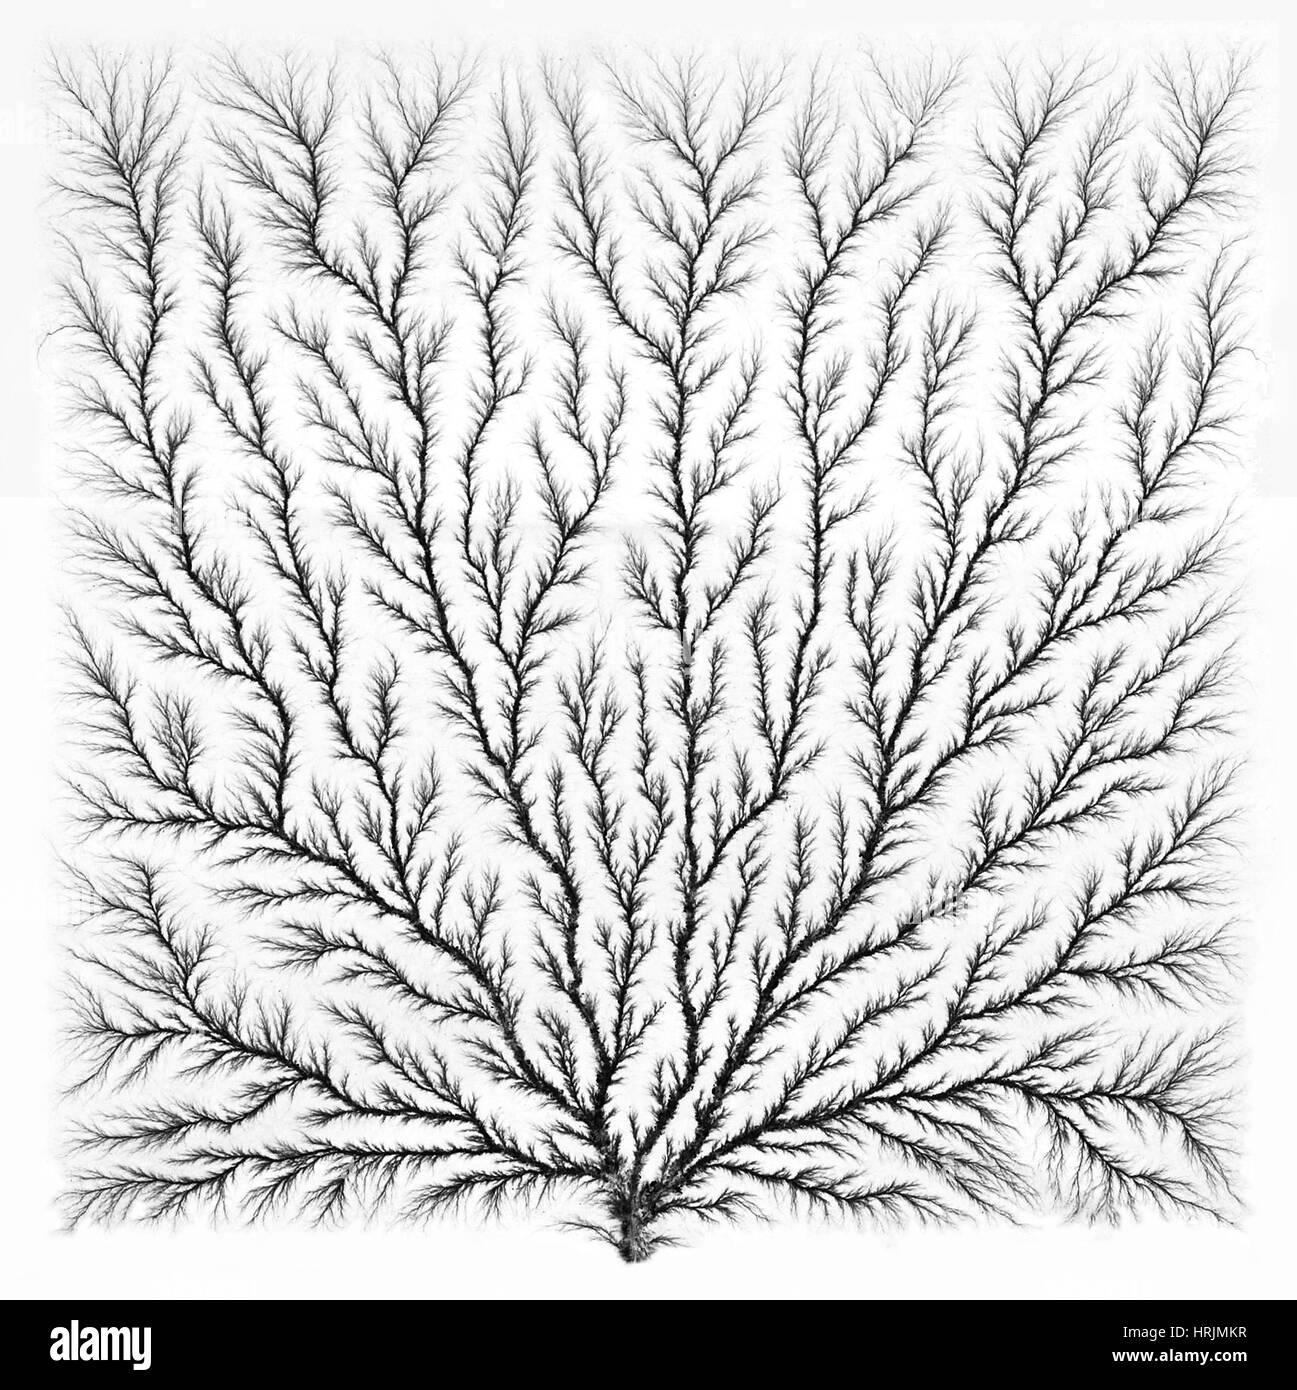 elektron-baum oder lichtenberg figur stockfoto, bild: 135021035 - alamy